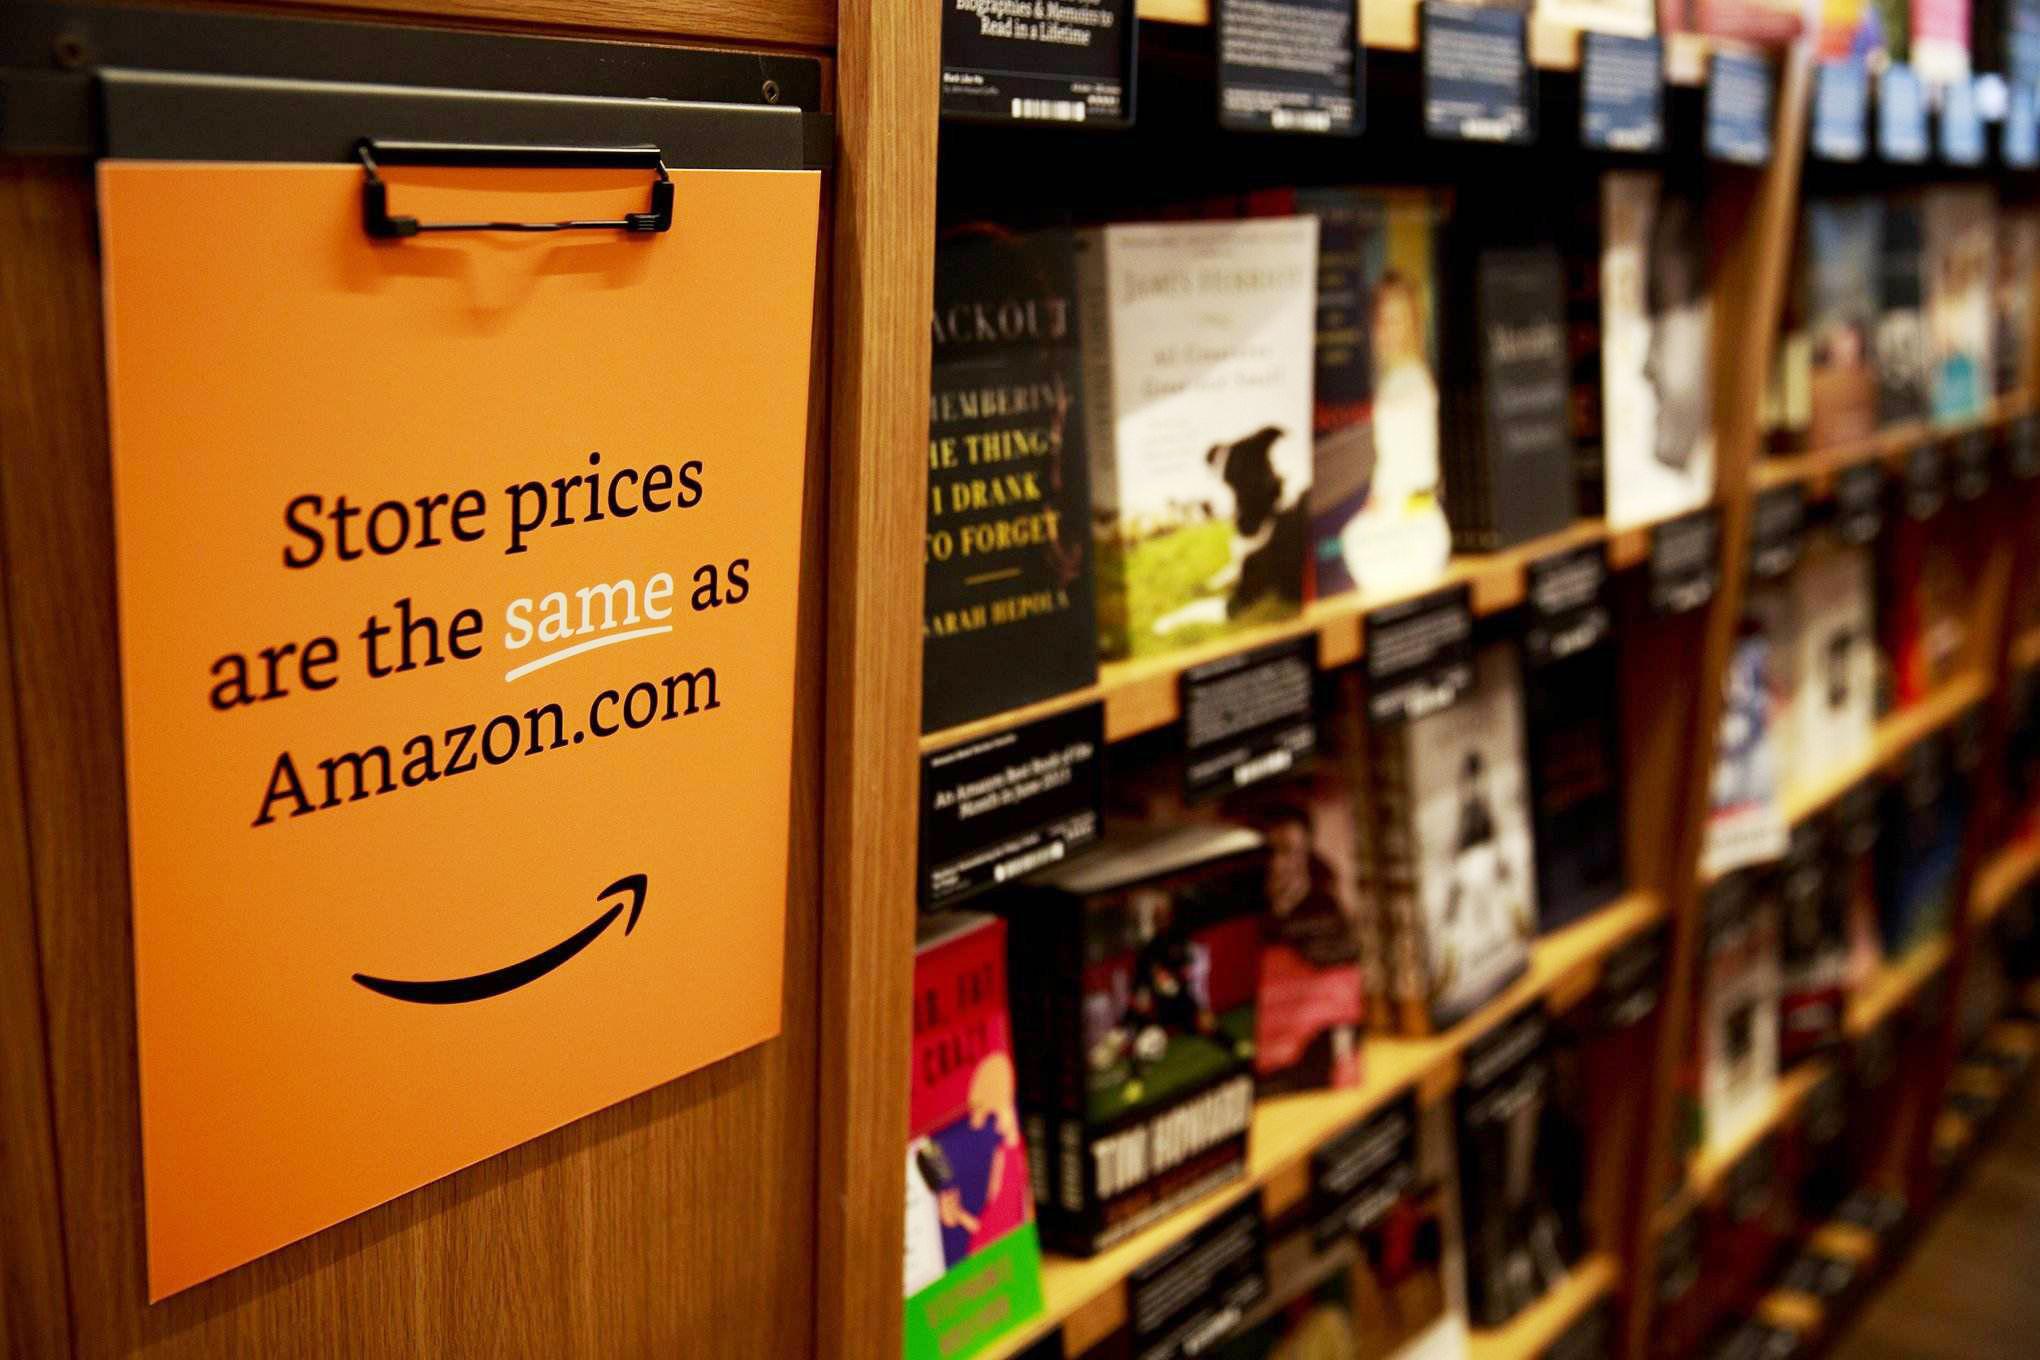 美出版股两极分化,亚马逊成大赢家